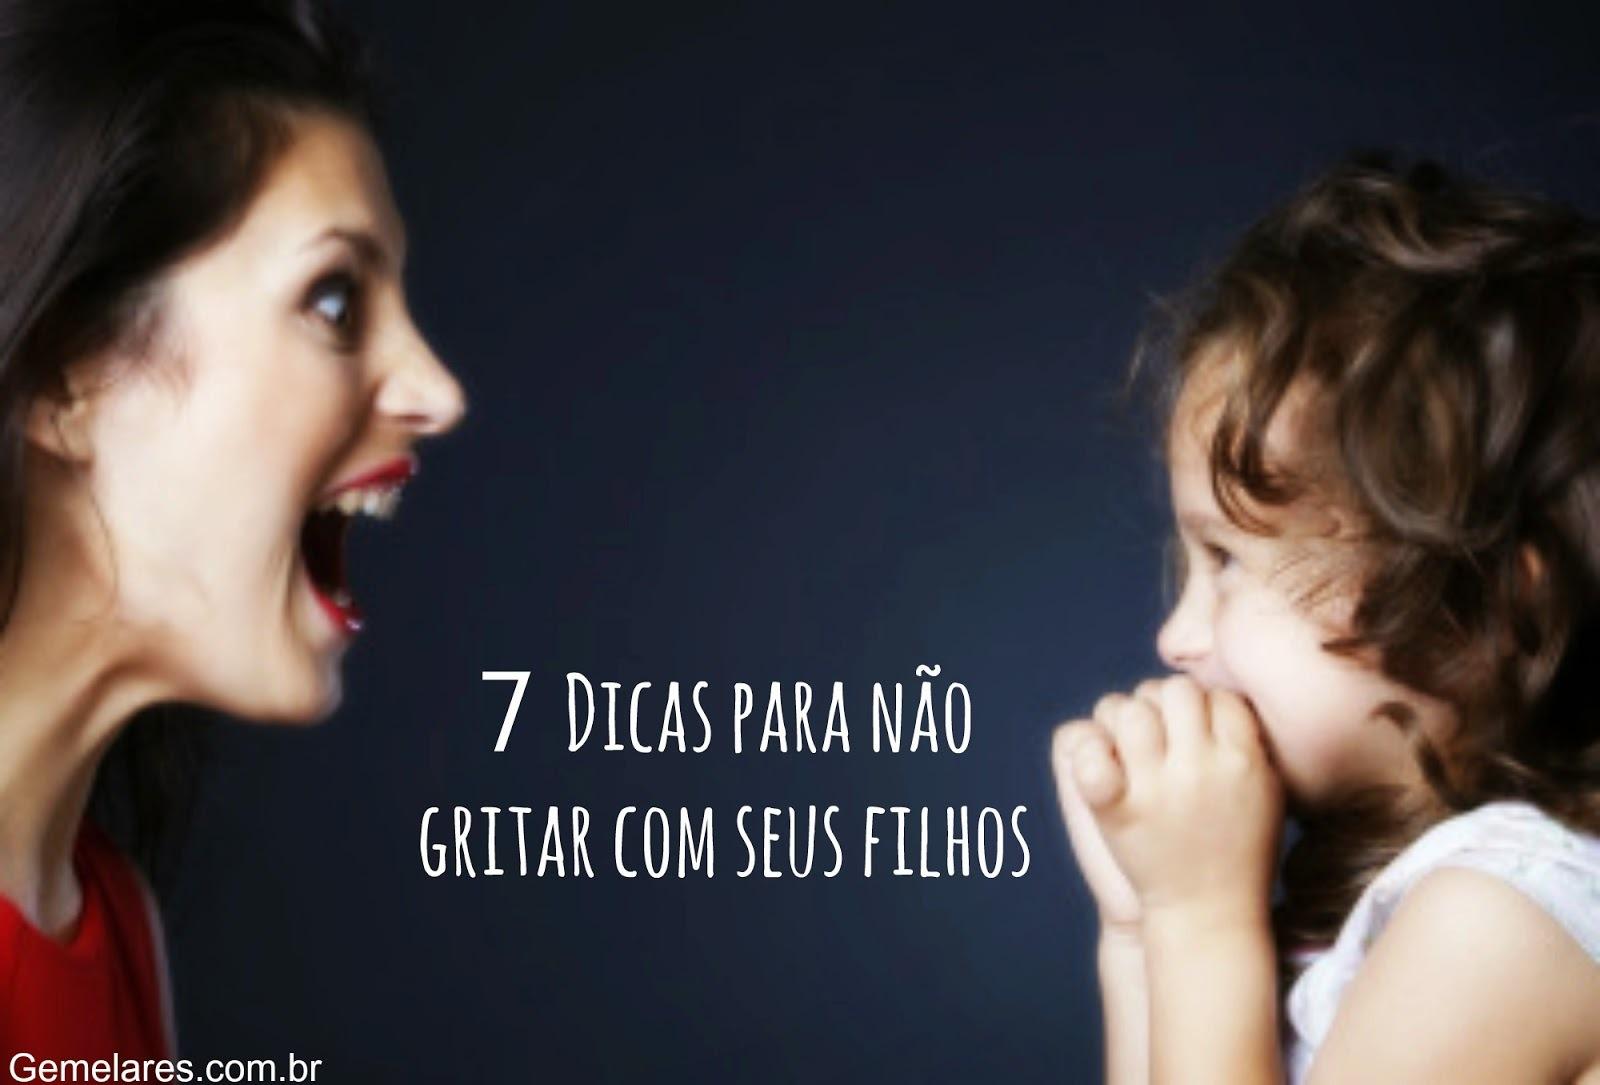 7 Dicas para não gritar com seus filhos